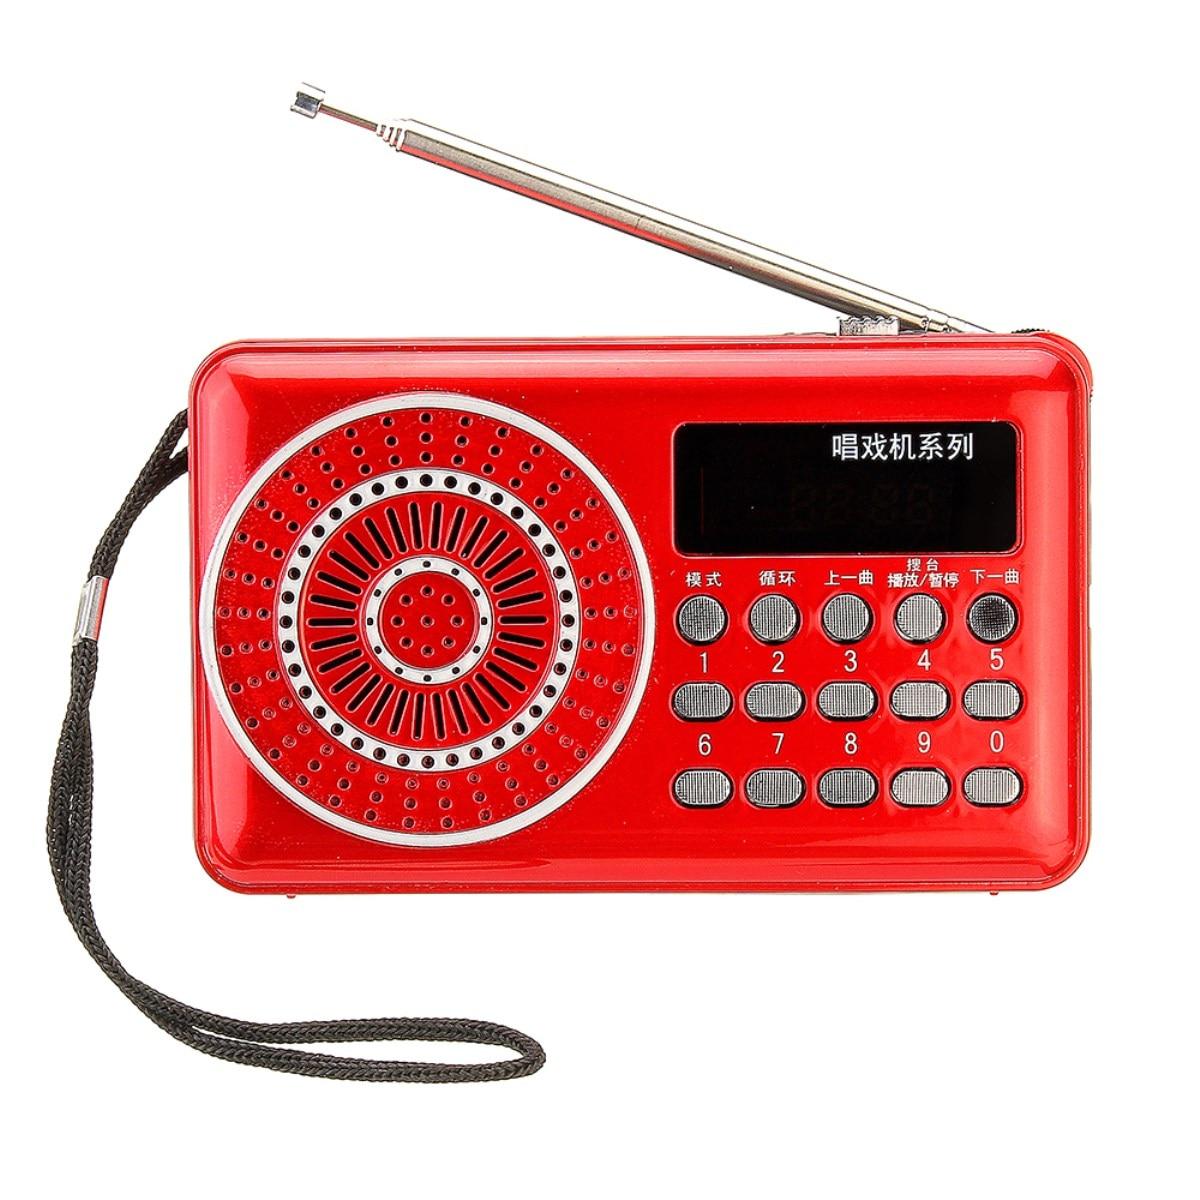 Tragbare Radio Handheld Digital Mini Radio Fm Usb Tf Mp3 Headset Musik Player Lautsprecher Fm Antenne Wiederaufladbare 100 Hz-20 Khz Delikatessen Von Allen Geliebt Unterhaltungselektronik